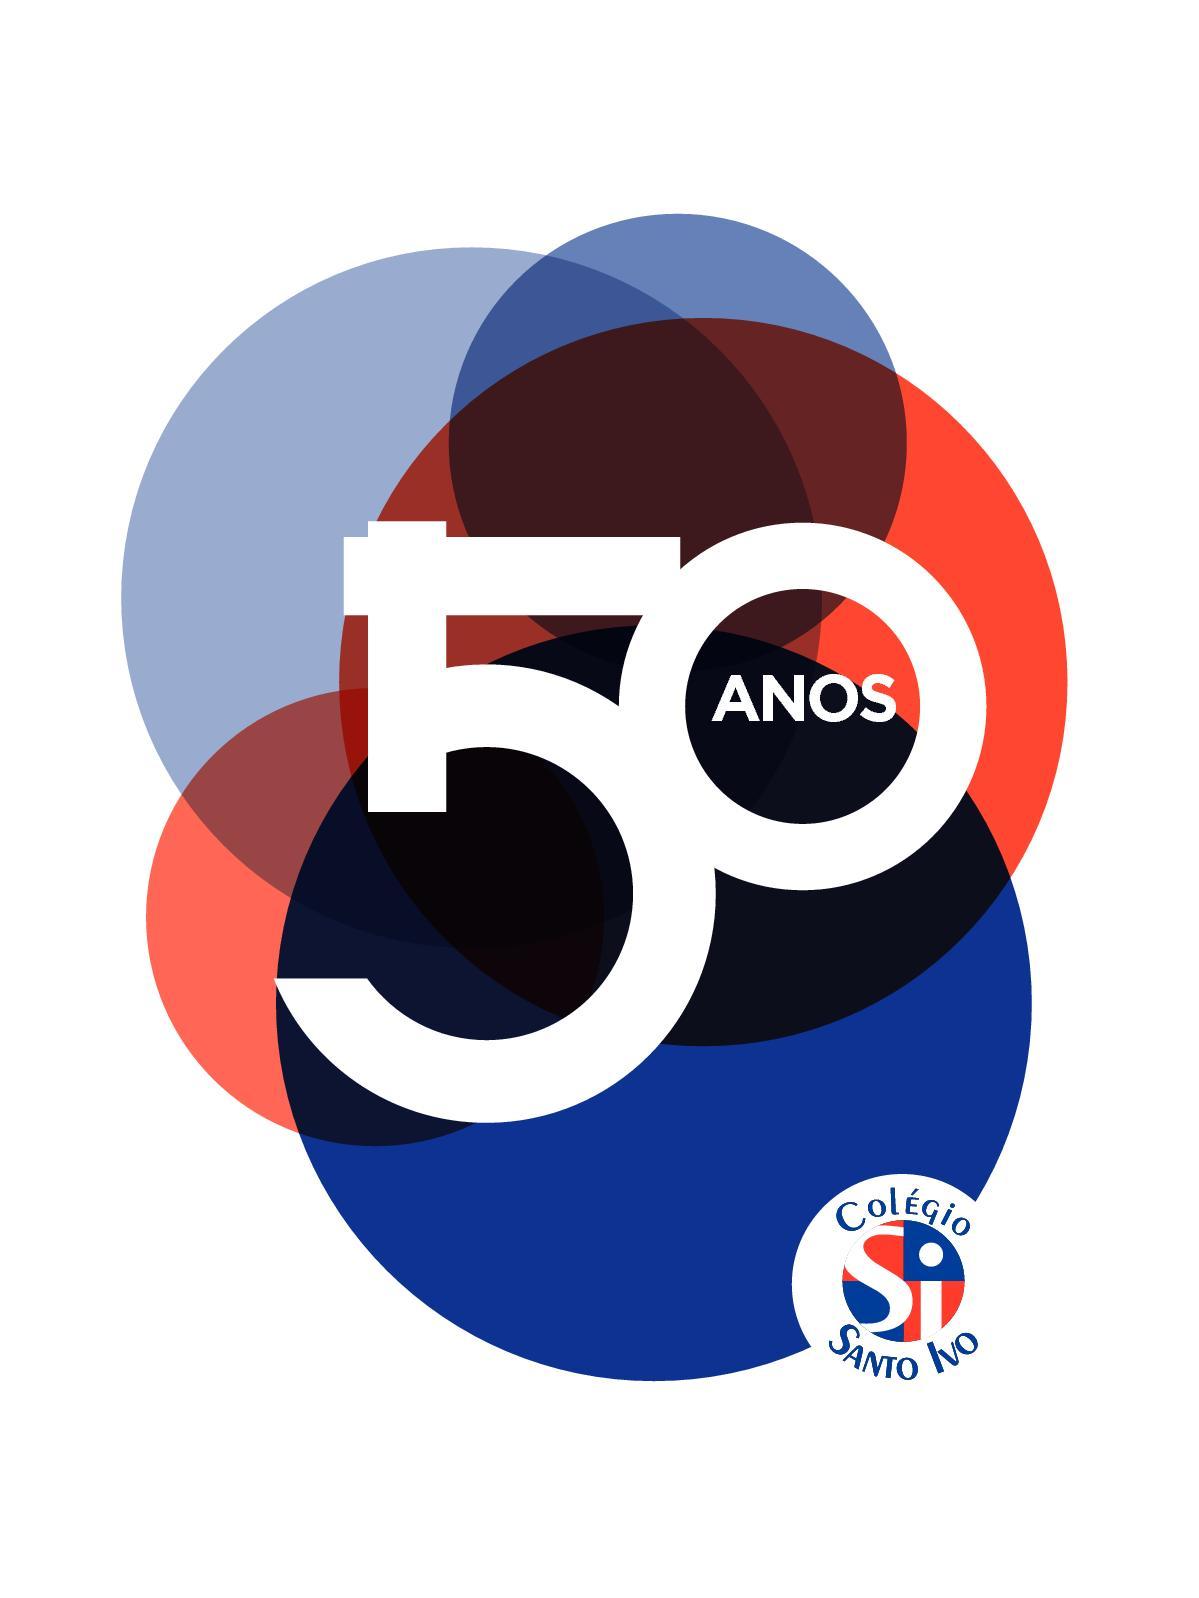 Calaméo - COLÉGIO SANTO IVO 50 ANOS 77fc51e6447cc